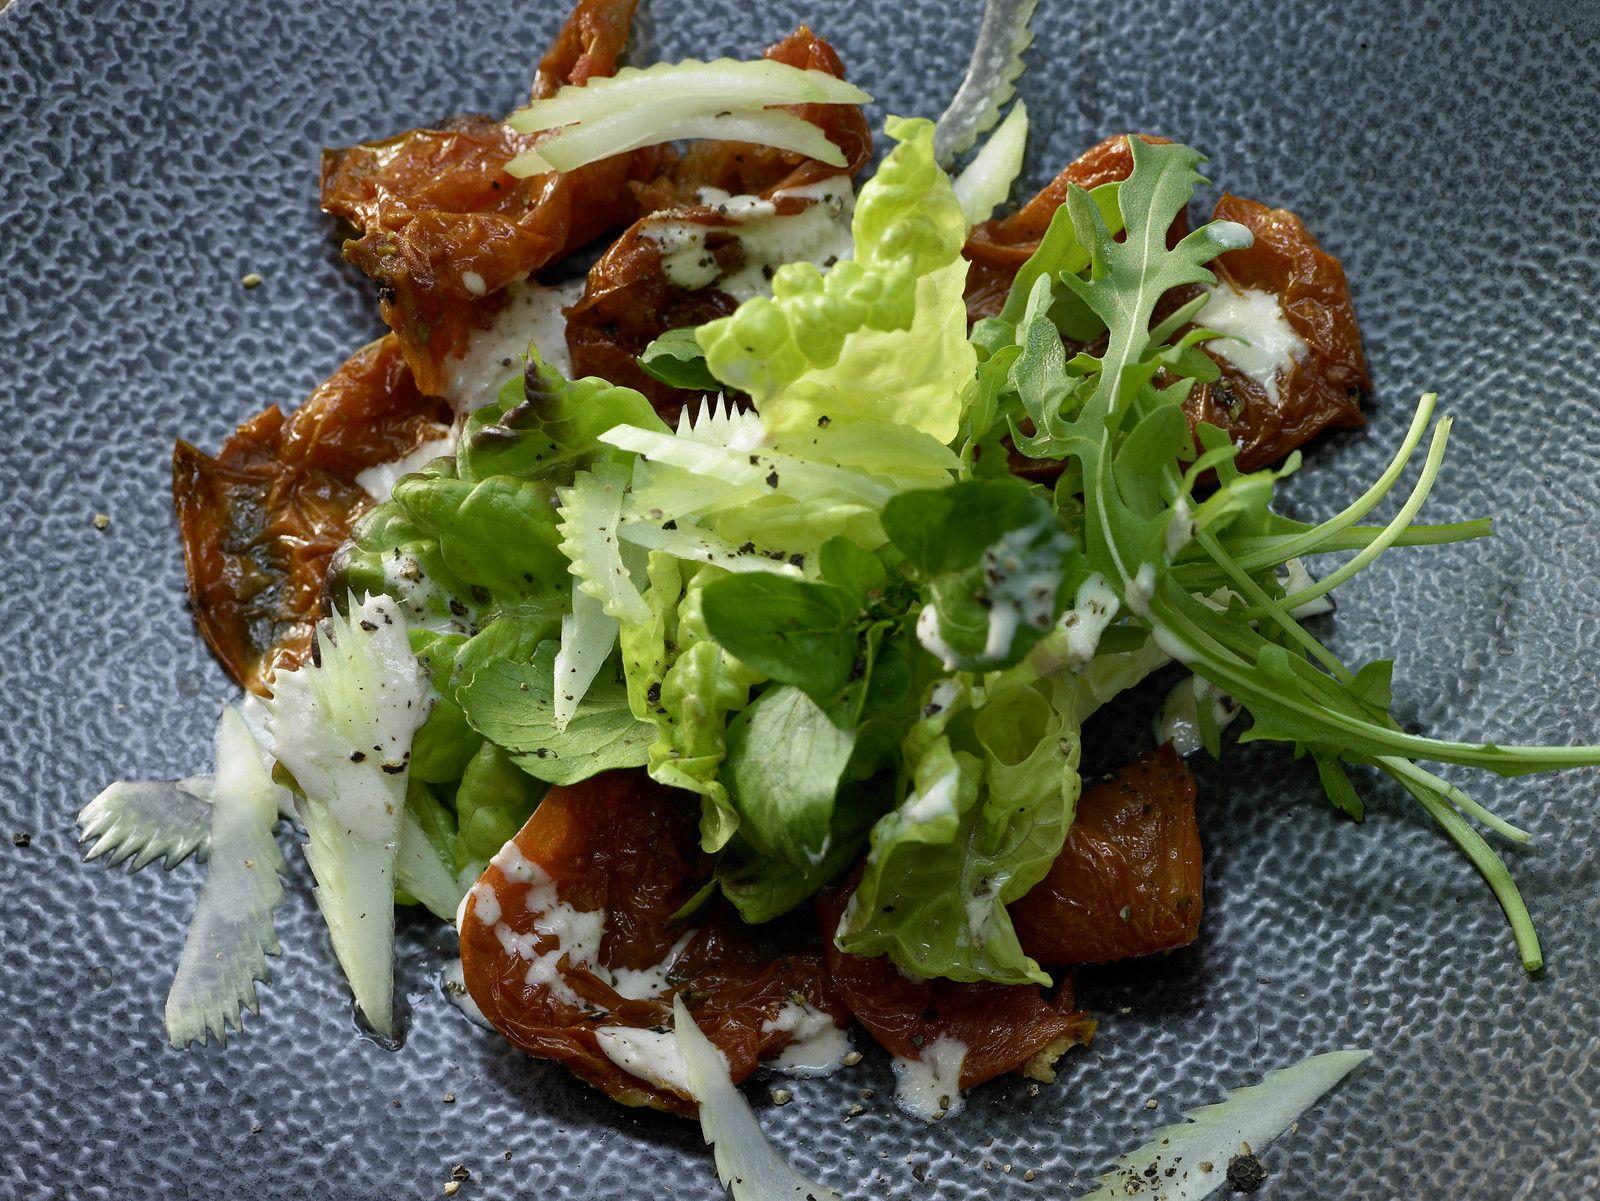 Schnelle Leichte Sommerküche Ofentomaten Mit Hähnchen : Gemüse rezepte eat smarter